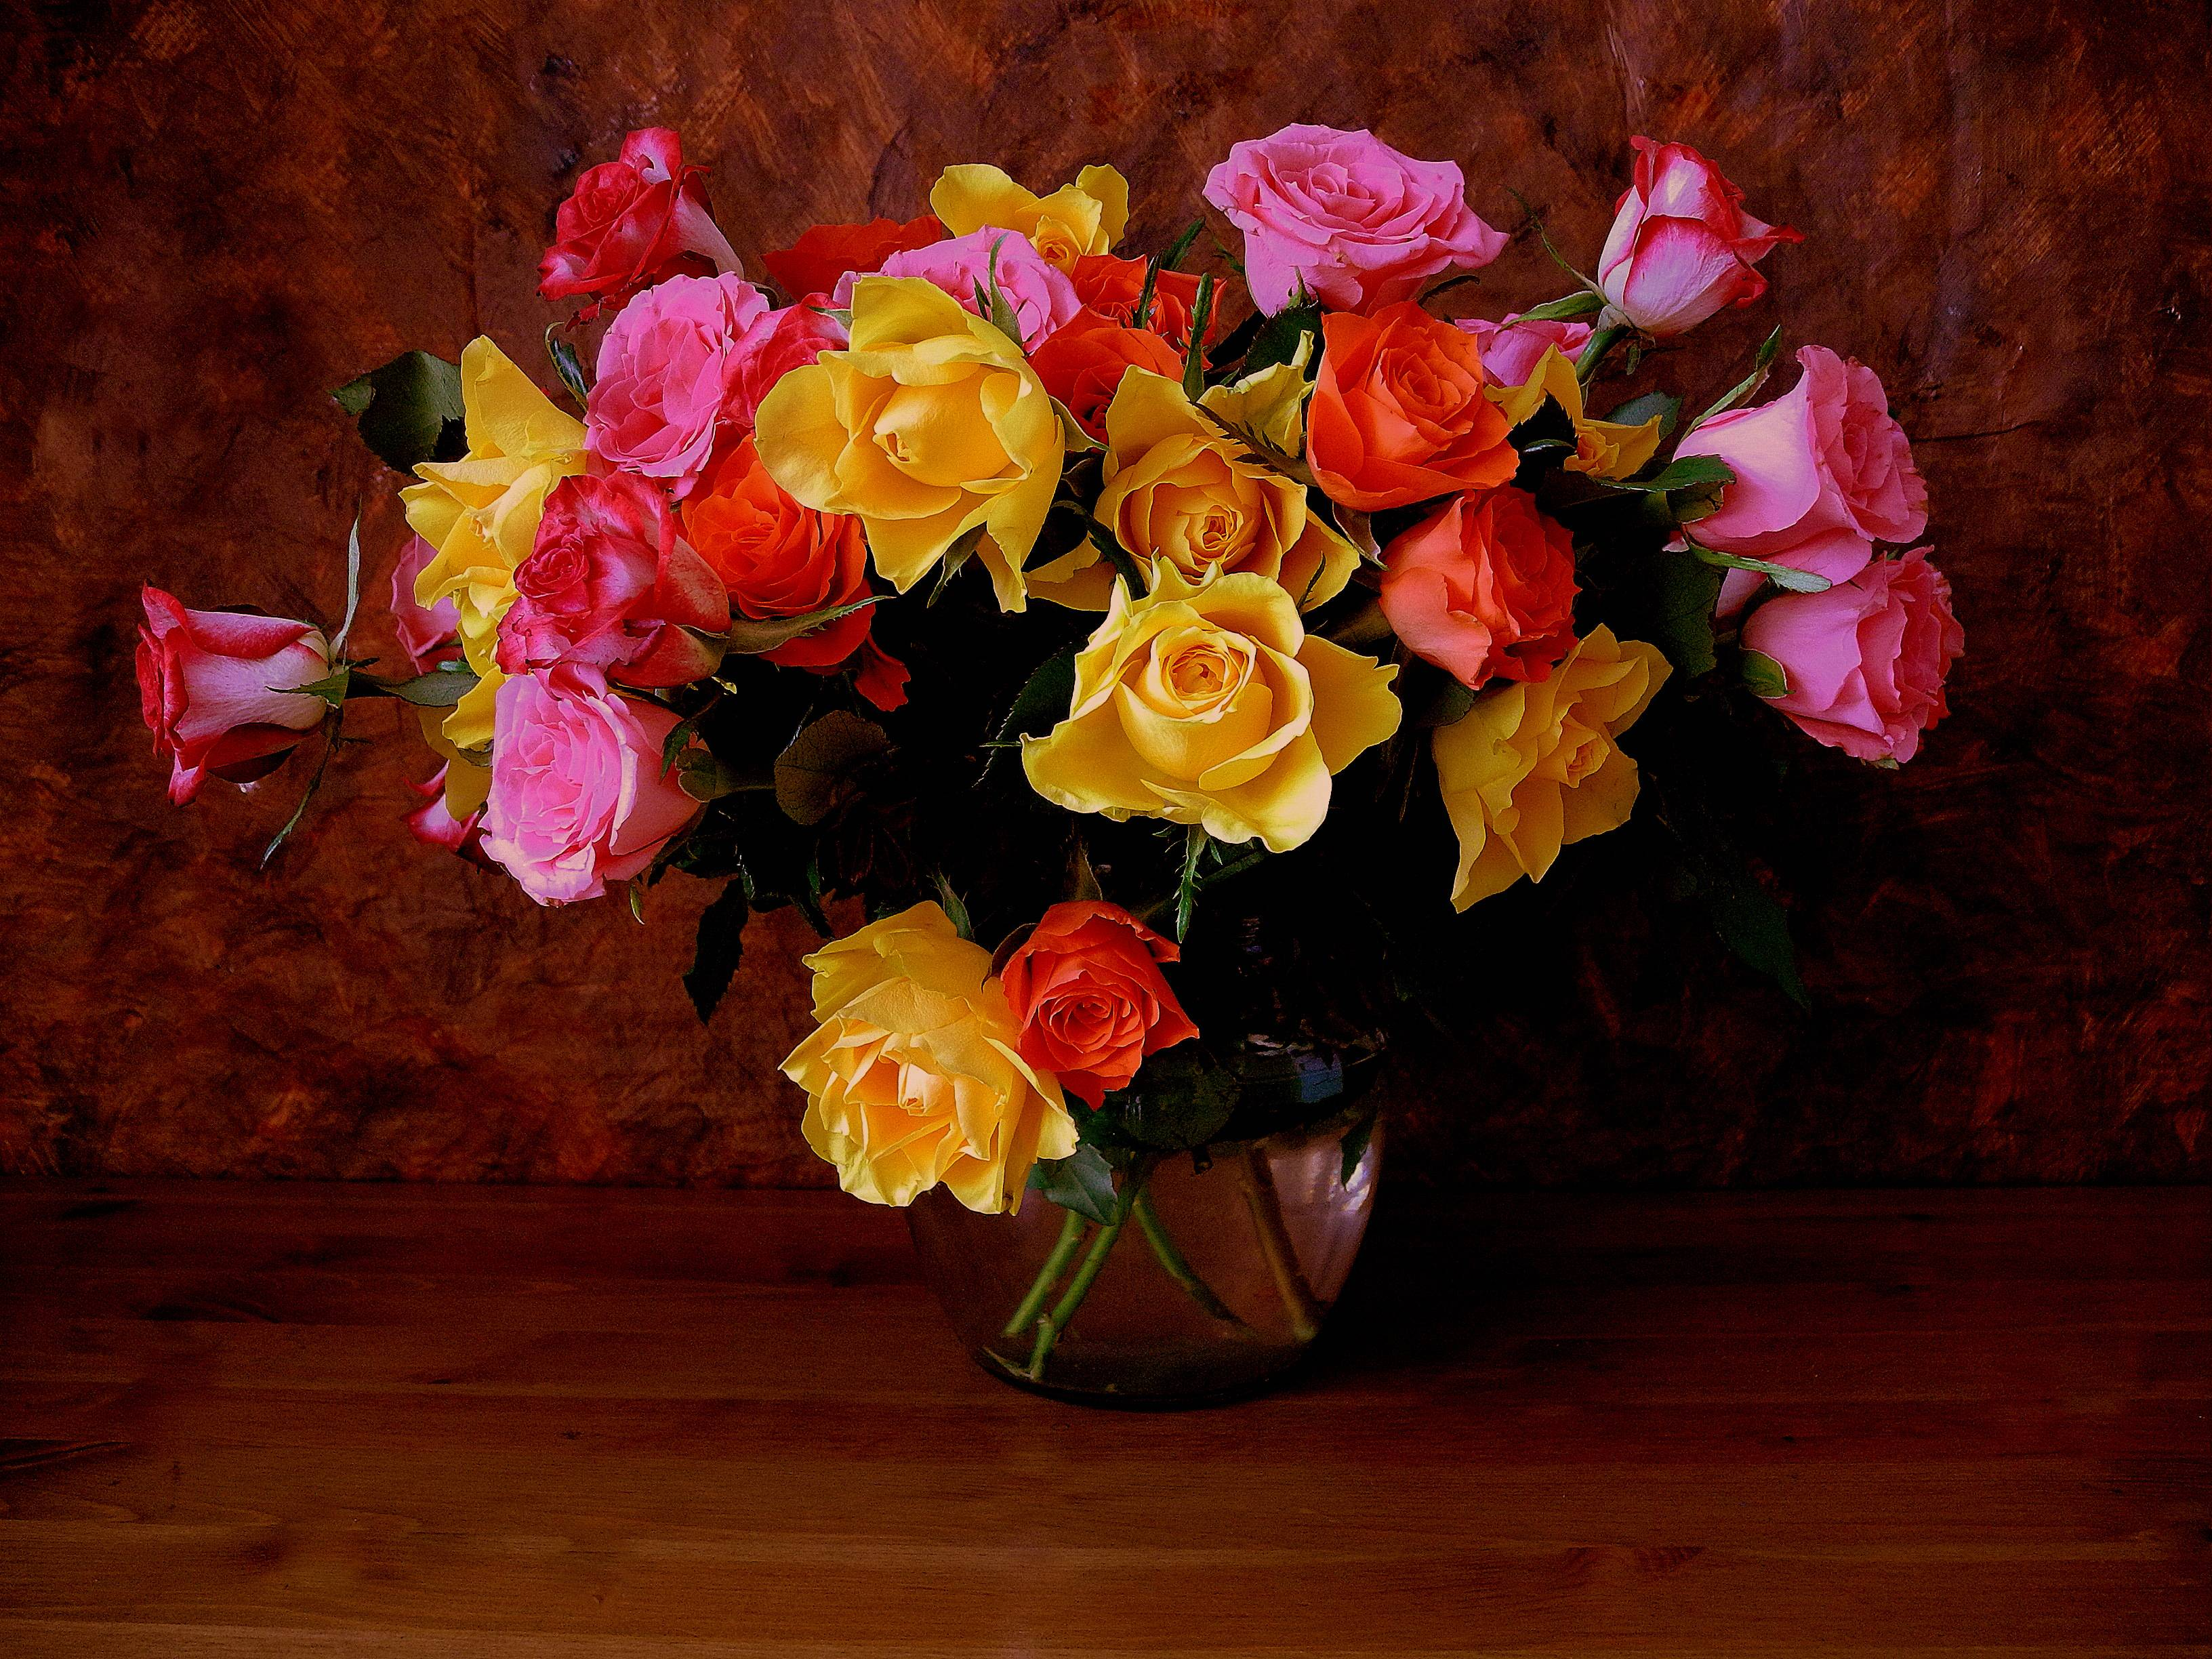 цветы розы фото в вазе теперь вижу информации